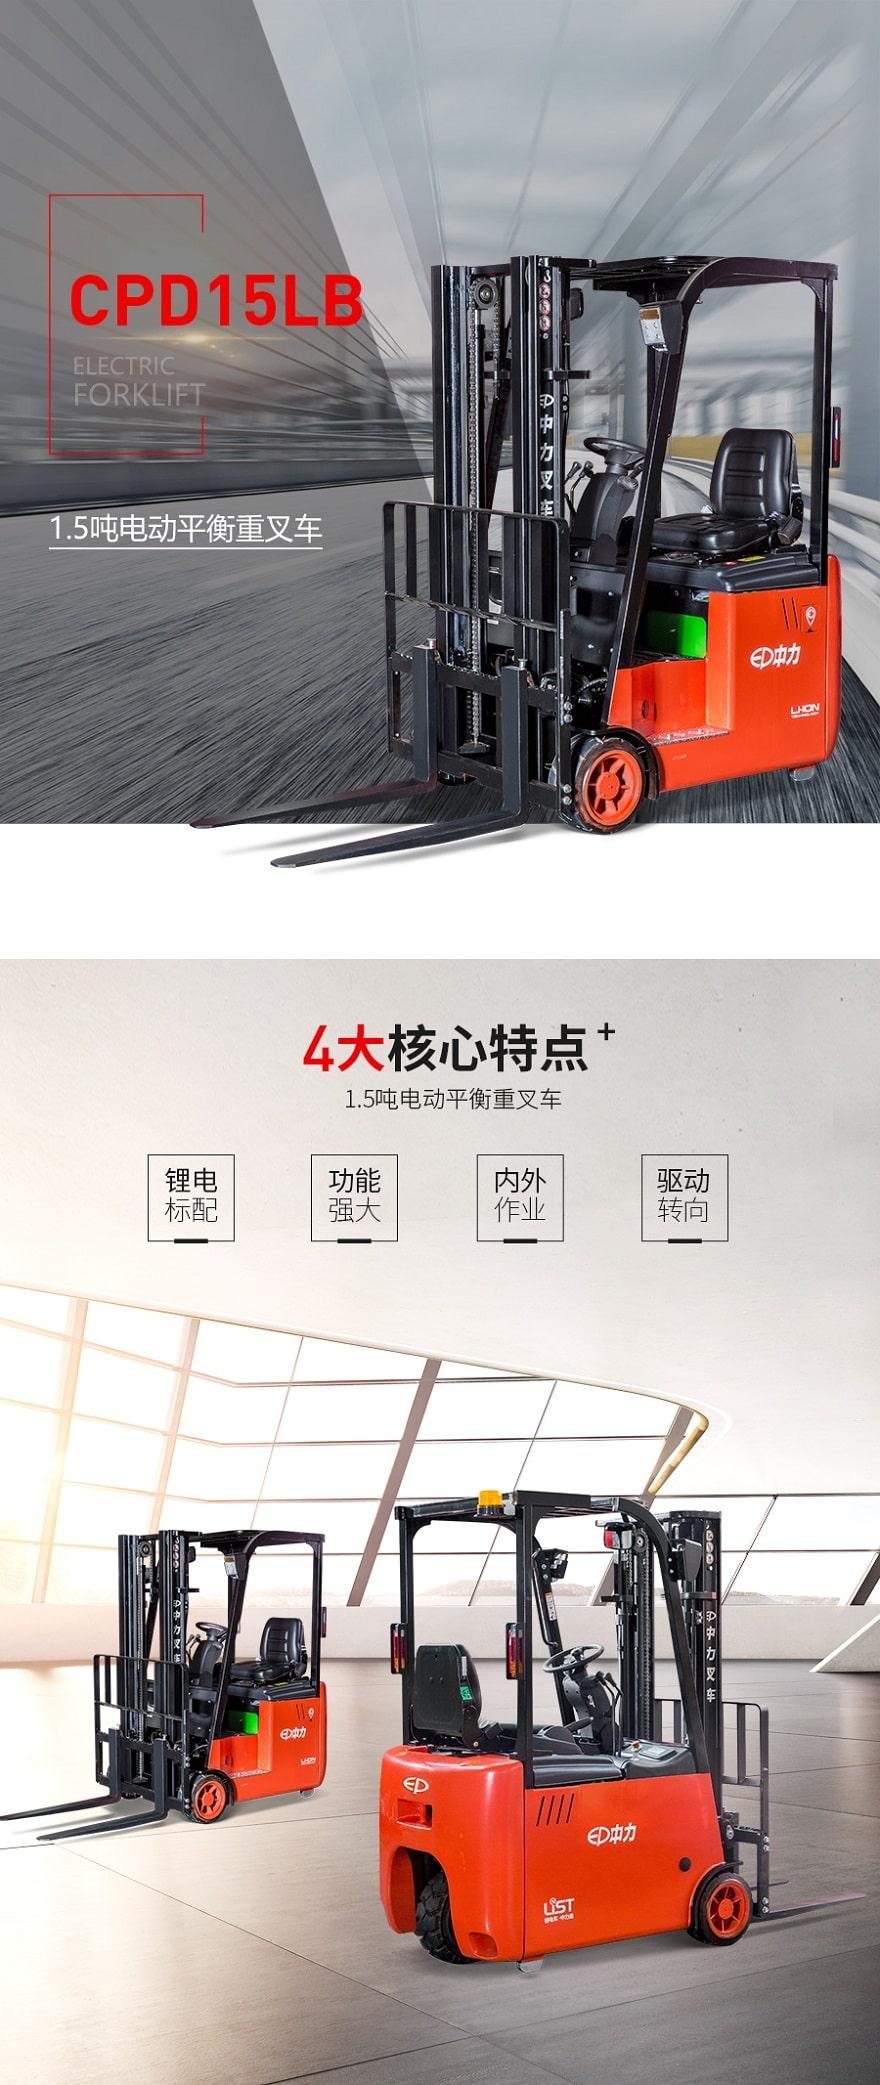 Xe nâng điện 3 bánh ngồi lái pin Lithium 1,5 tấn, model CPD15LB